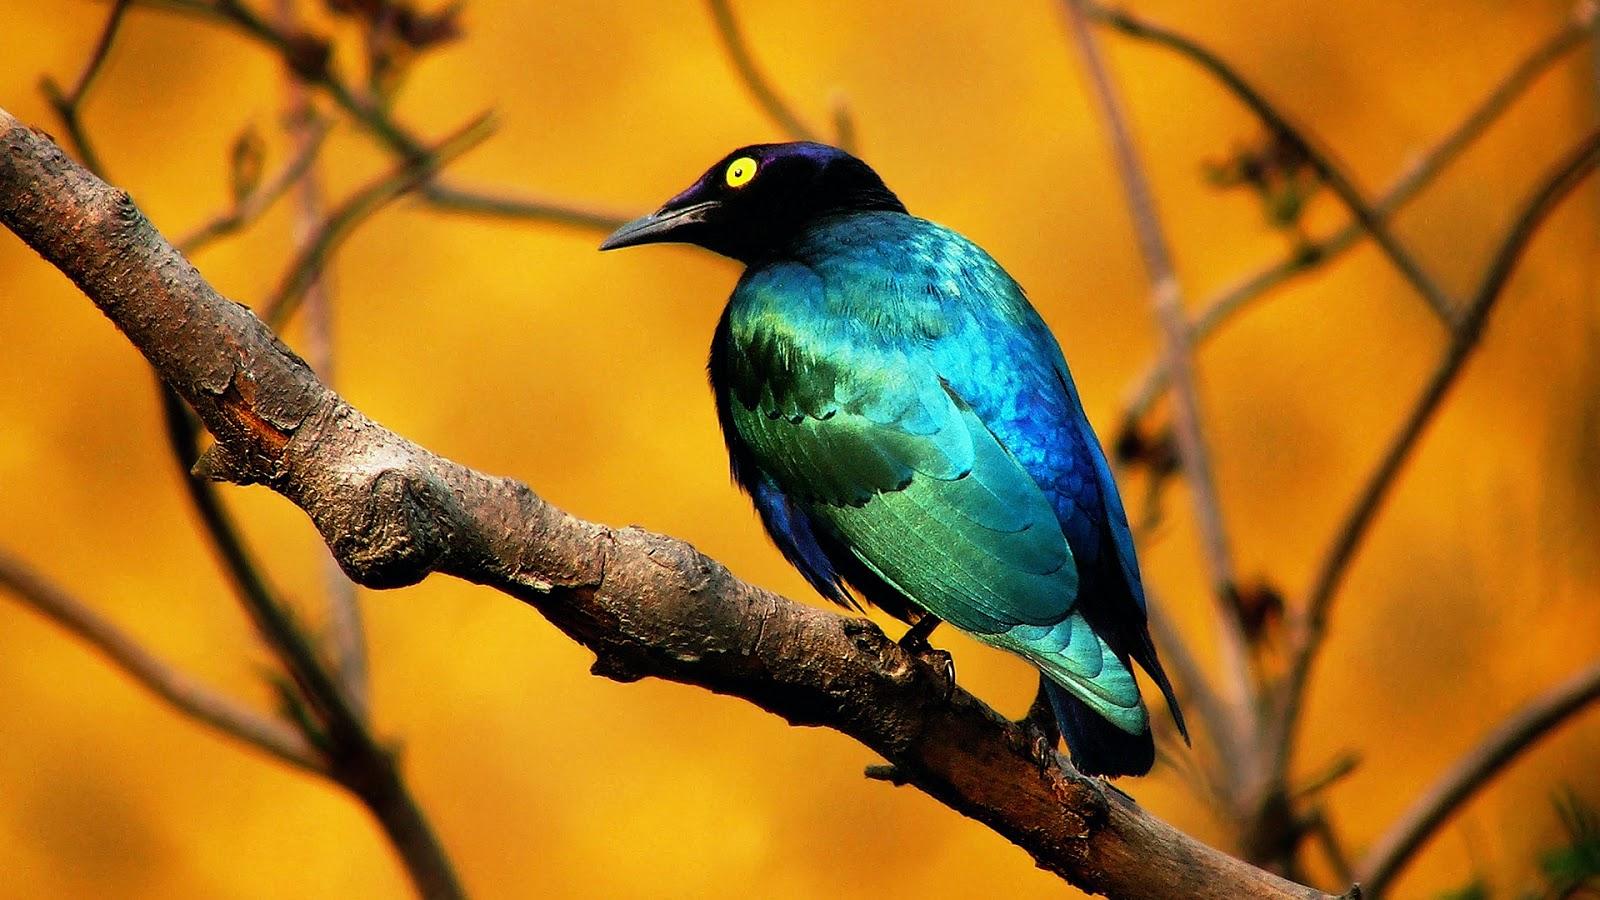 Amazing wallpapers birds hd wallpapers bird wallpapers - Animal and bird hd wallpaper ...